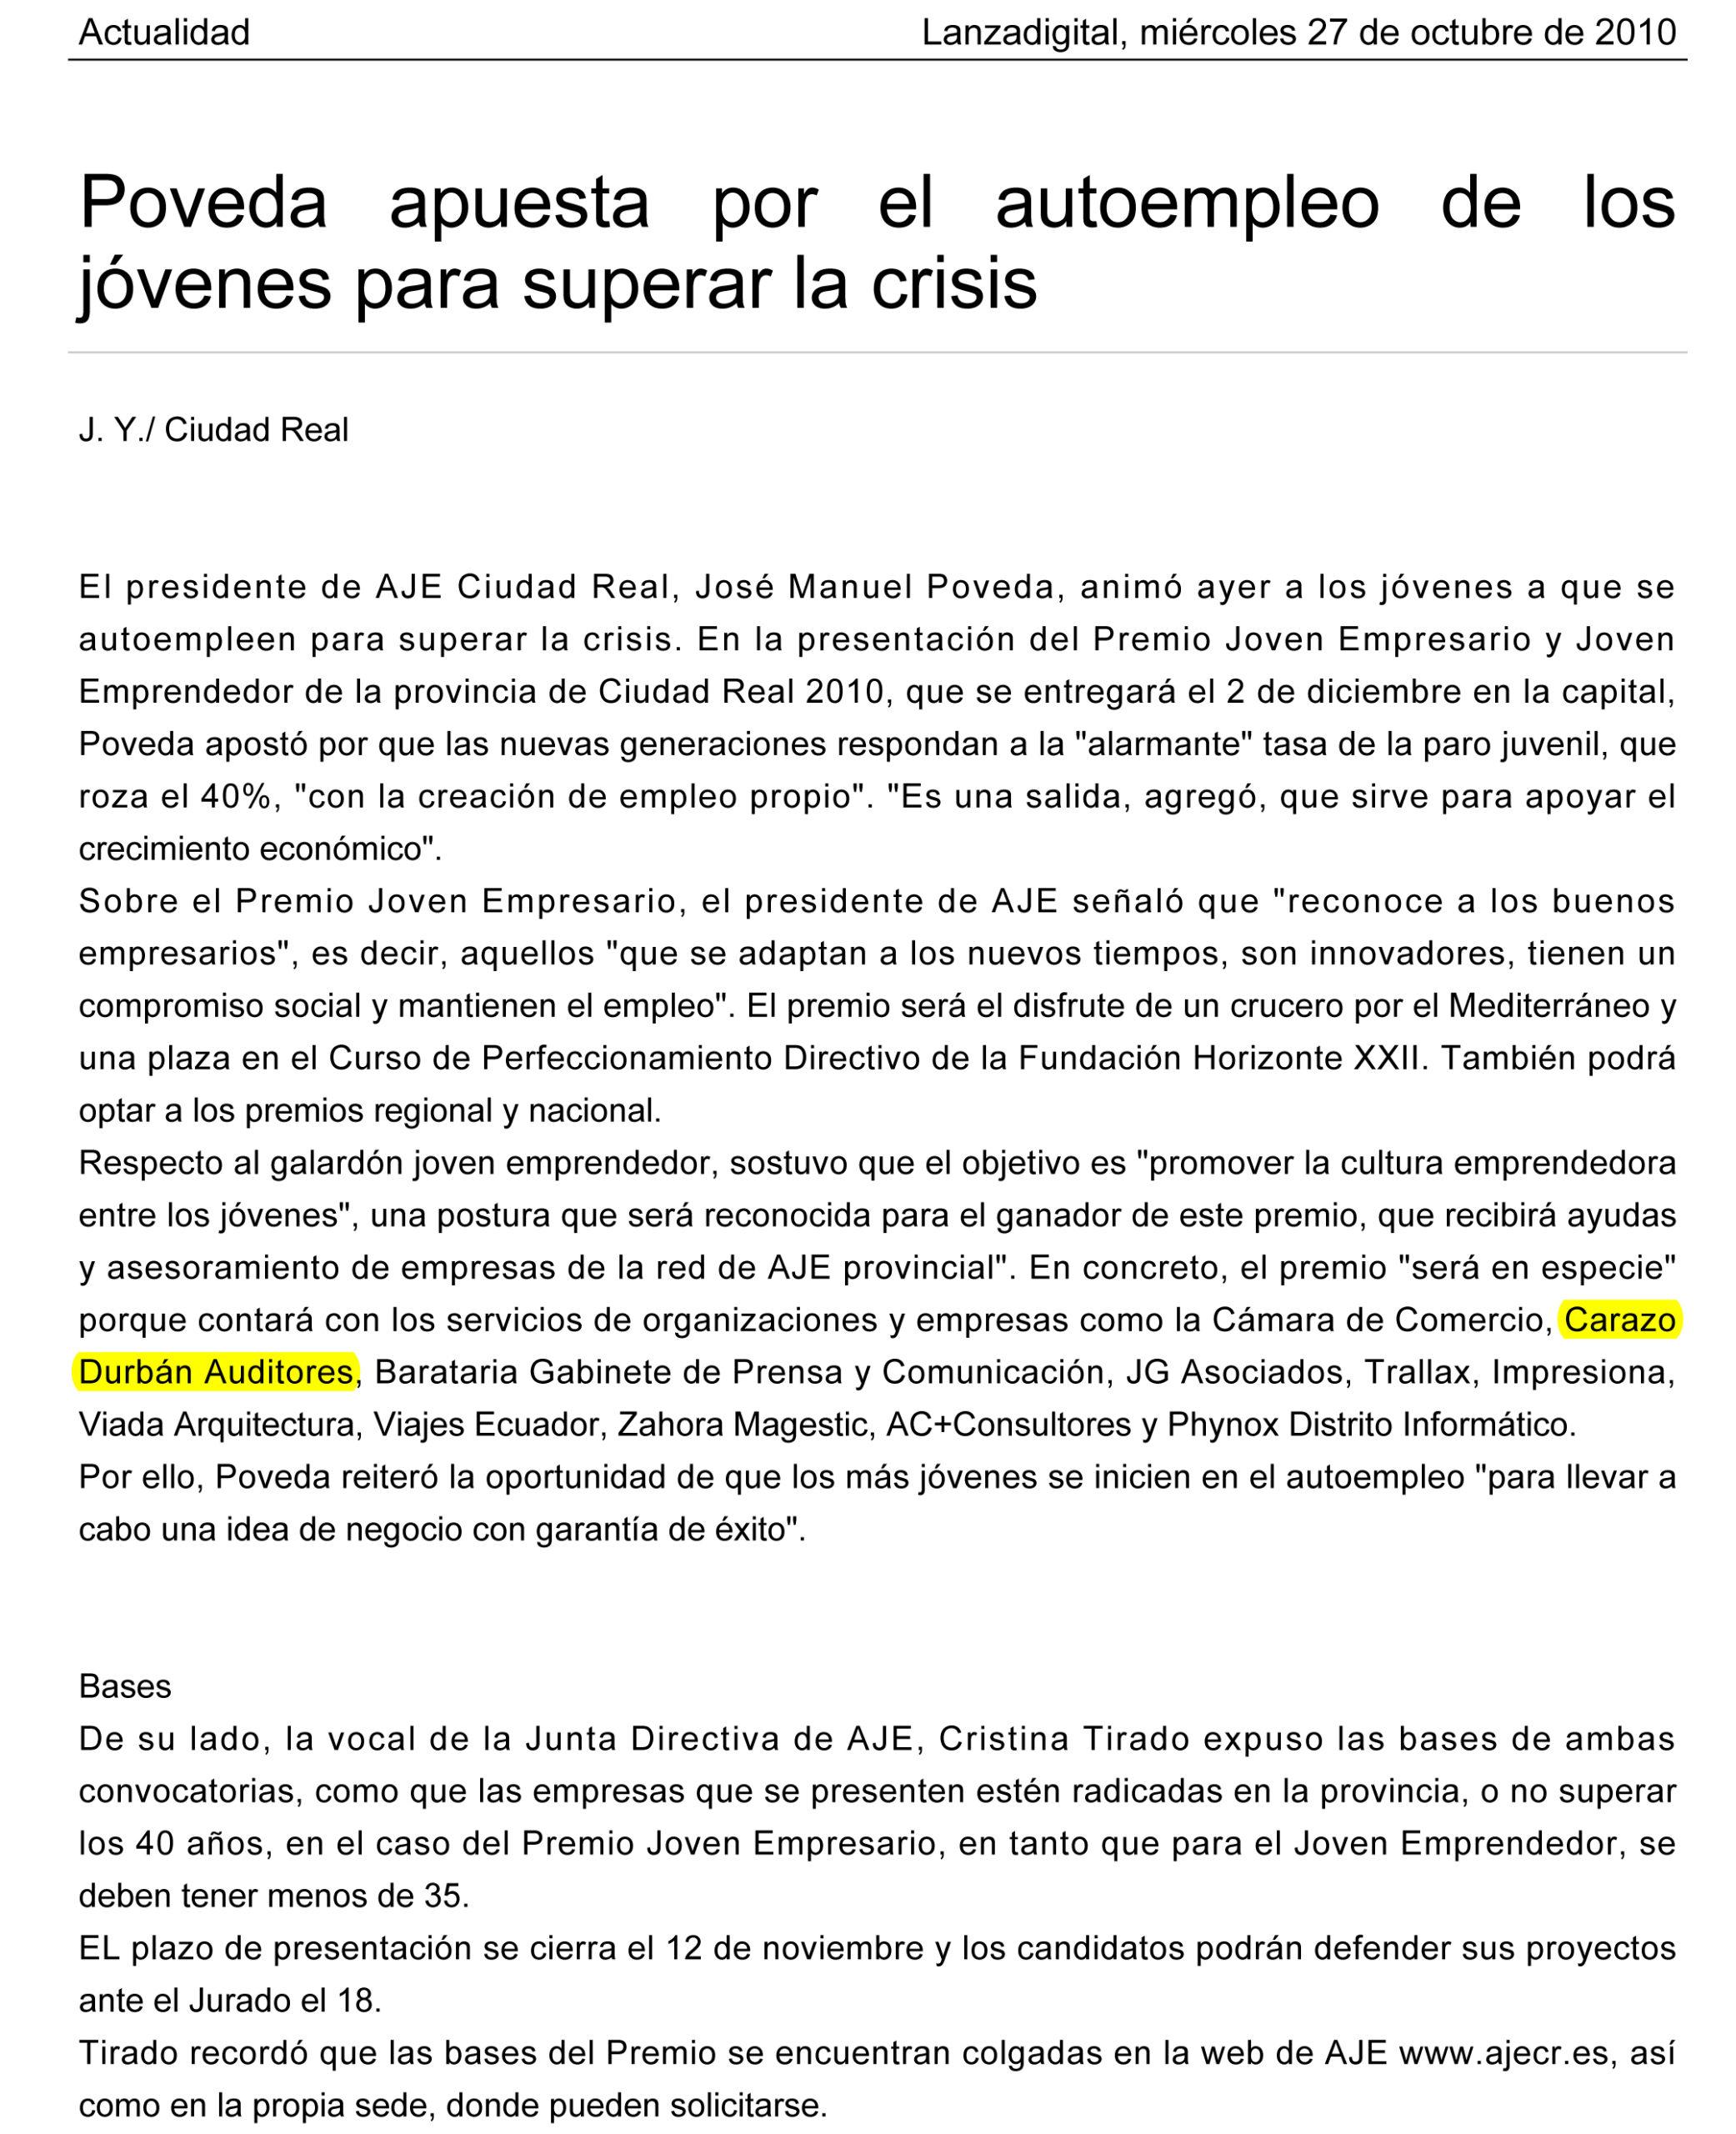 Premio Joven Empresario 2010 Aje Ciudad Real